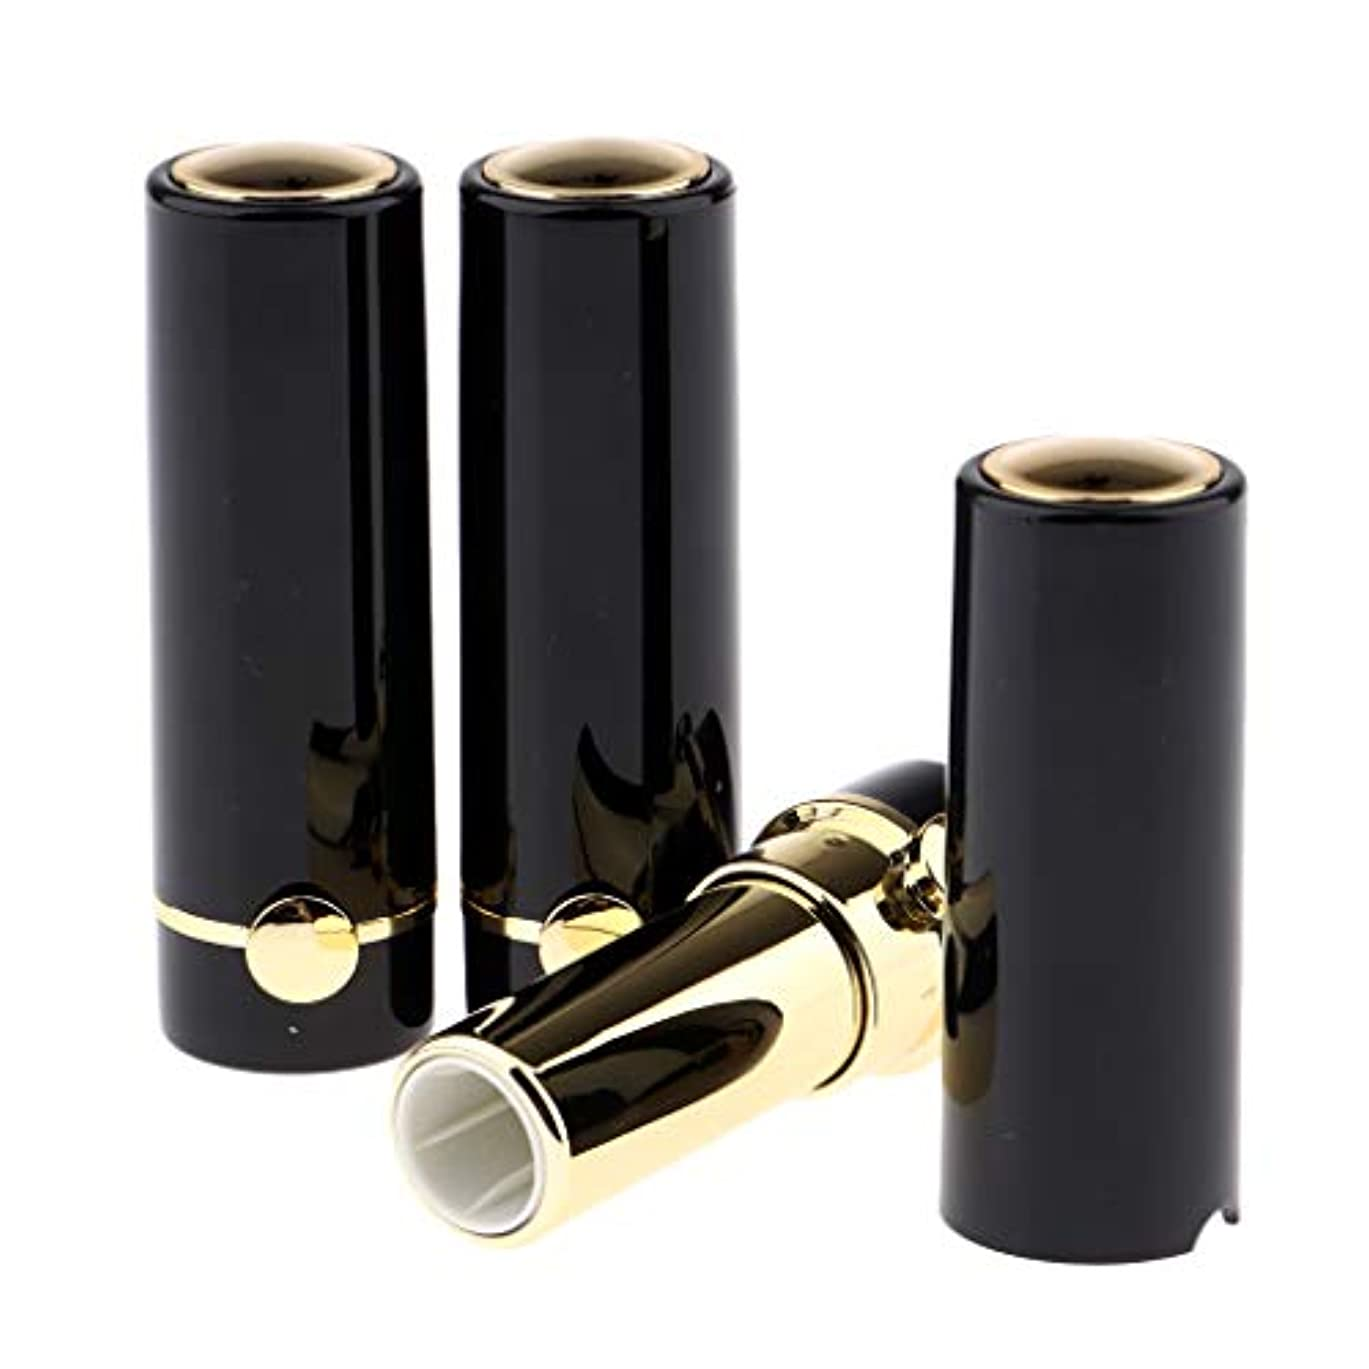 つかいます優遇ヘクタールリップクリームチューブ DIY工芸品 化粧品 詰め替えボトル リップグロスチューブ 12.1mm 全3色 - ブラック